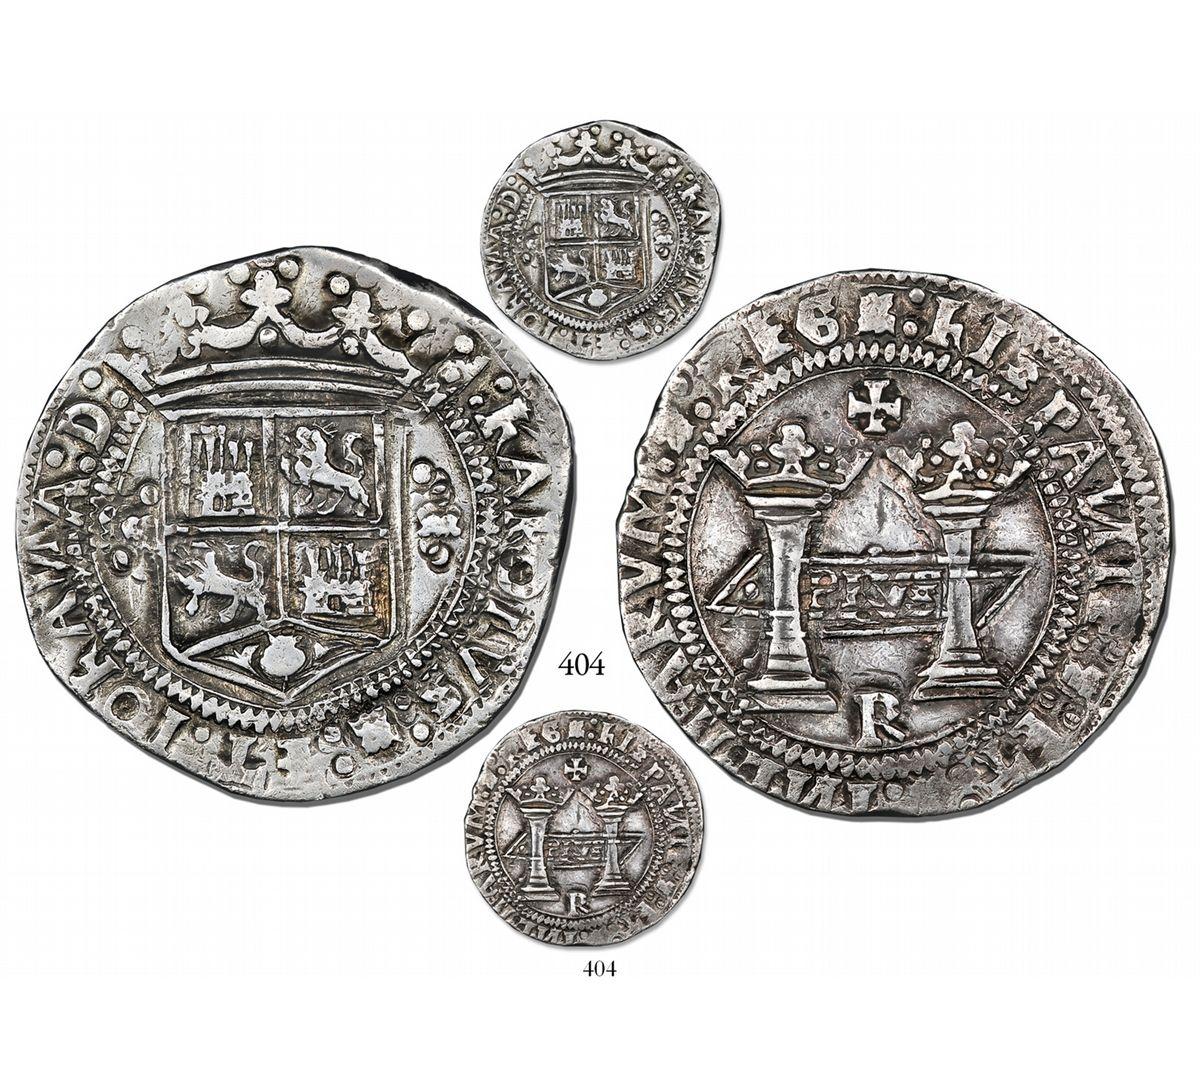 Las monedas españolas más valiosas - Página 2 20694397_1